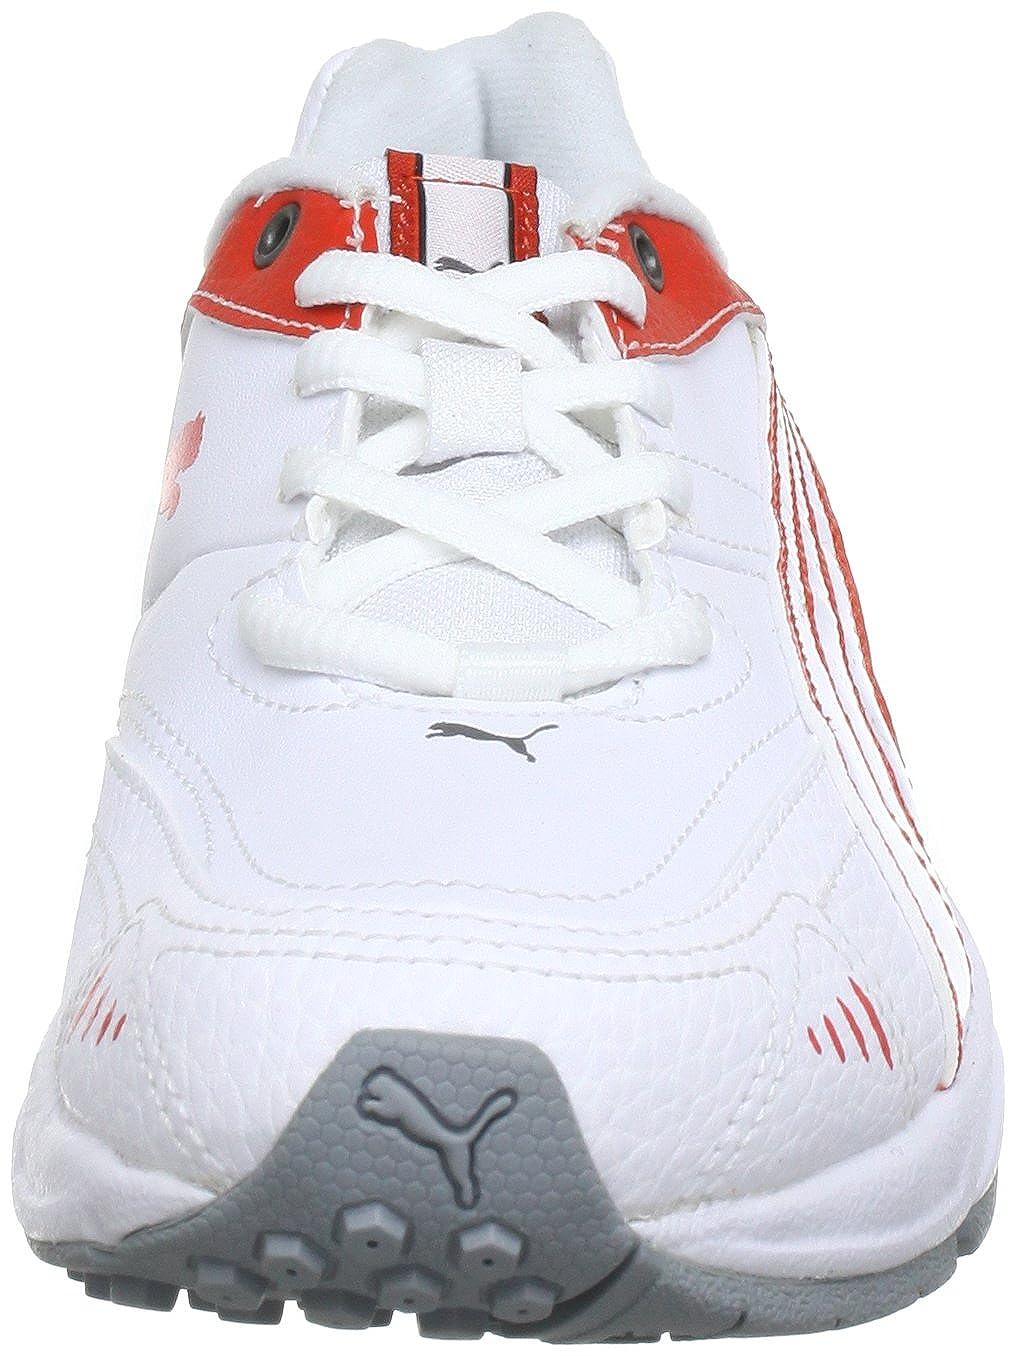 6d0d468be5c4e5 Puma Xenon Trainer Jr, Scarpe da Corsa Bambino: Puma: Amazon.it: Scarpe e  borse